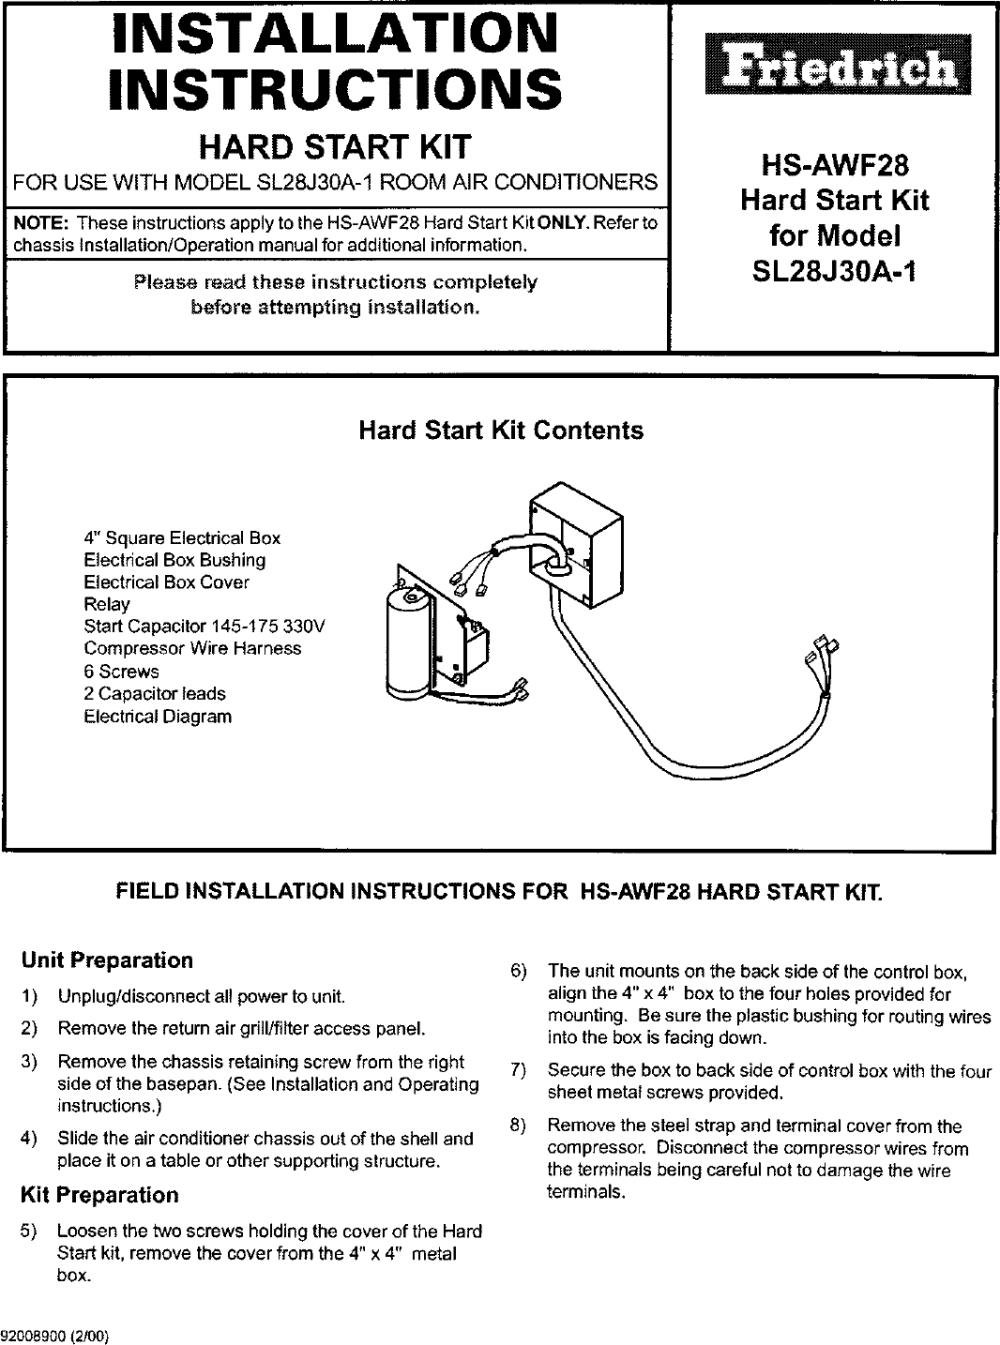 medium resolution of air conditioner hard start kit wiring diagram